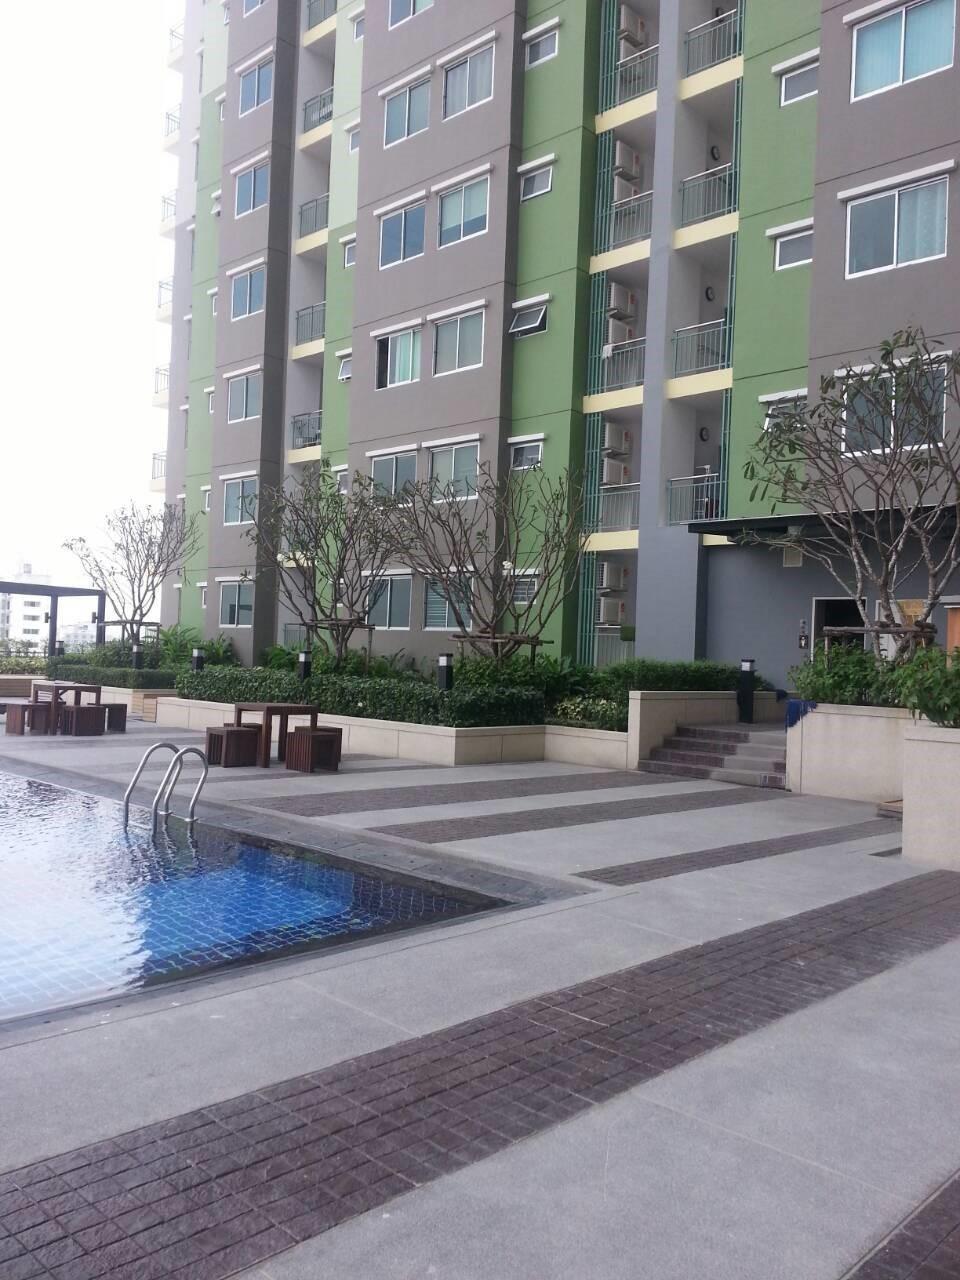 ขายคอนโด ศุภาลัย ปาร์ค แคราย-งามวงศ์วาน 2 bed 72 ตรม ชั้นสูง ห้องวิวสวย 2 ด้าน